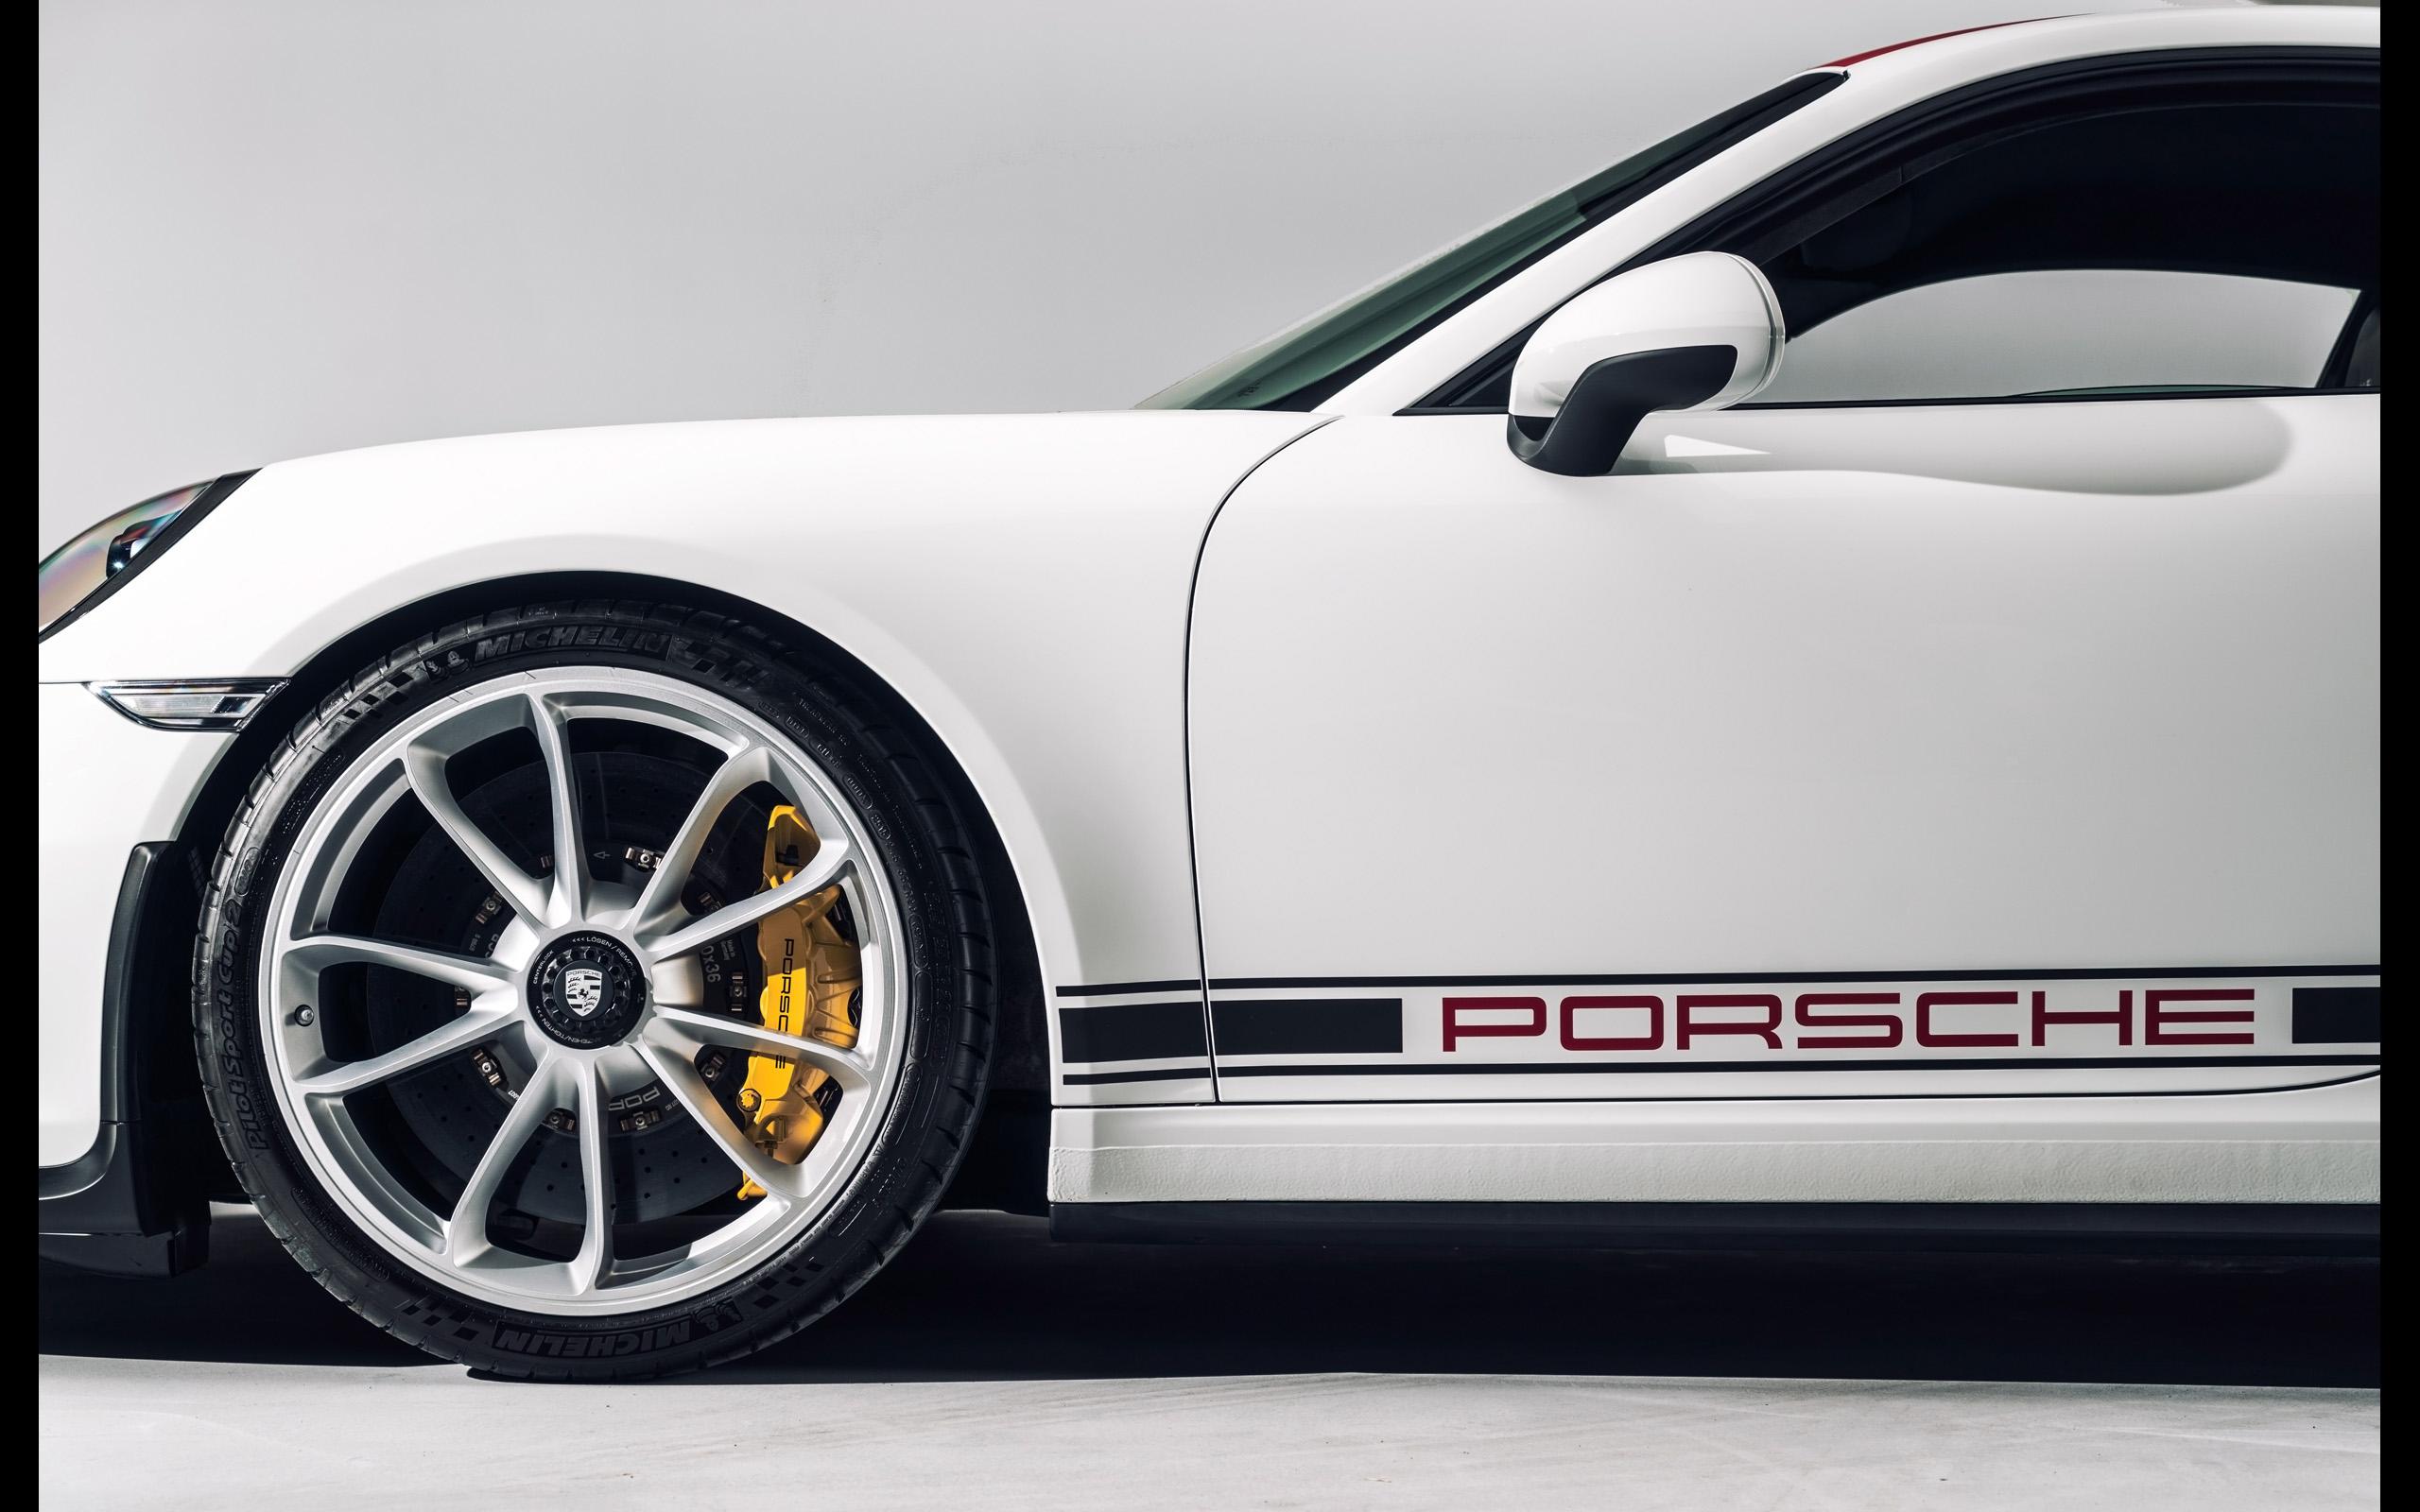 2016 Porsche 911 R   Details   6   2560x1600   Wallpaper 2560x1600